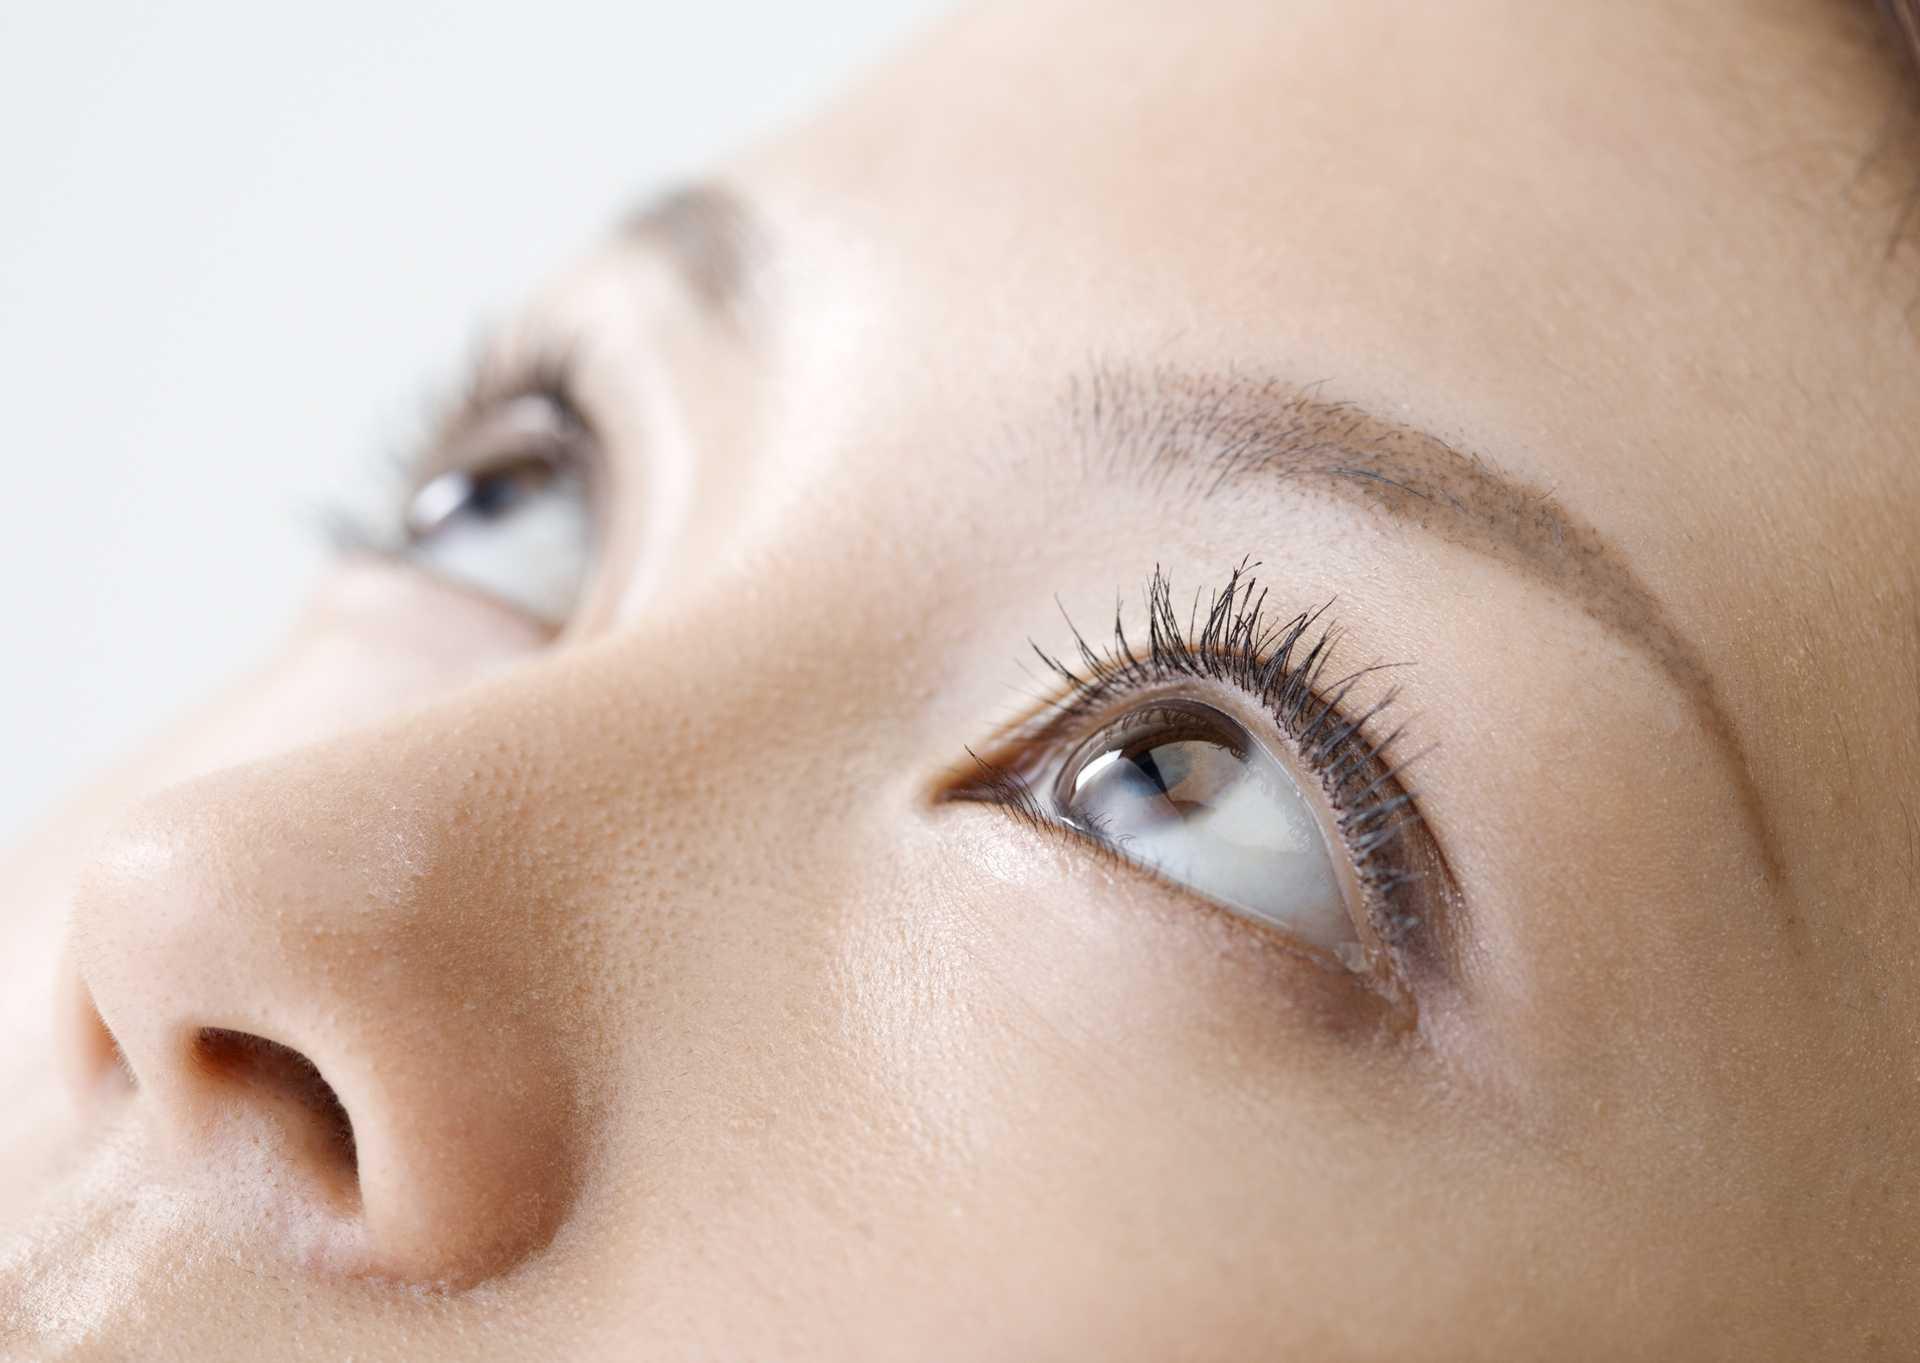 成功するためには3つの目が必要。鳥の目、虫の目、魚の目。 | のんびり気楽に生きる30の心の習慣